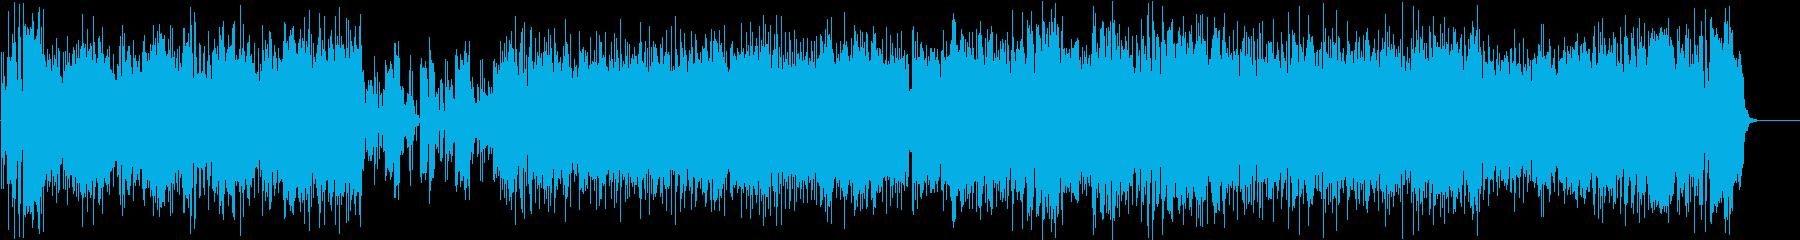 ケルト・バイオリン生演奏のRPG系戦闘曲の再生済みの波形